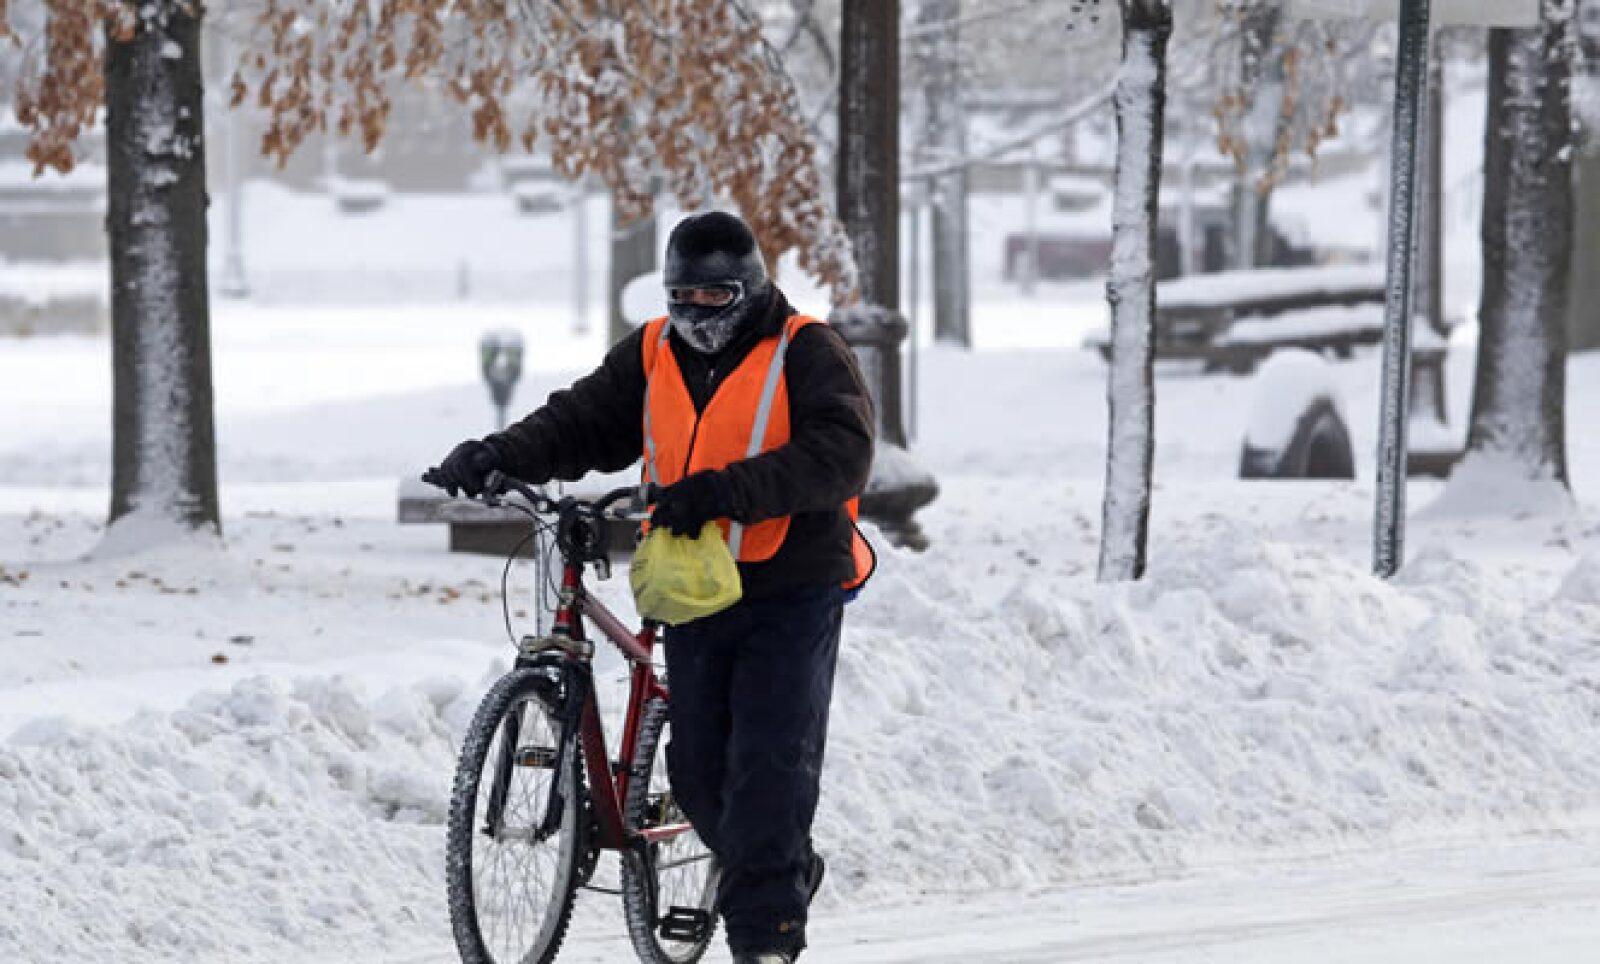 El servicio meteorológico emitió información de que los vientos fríos podrían poner en riesgo la vida humana en el oeste y centro de Dakota del Norte, con temperaturas  de hasta -51 grados centígrados.